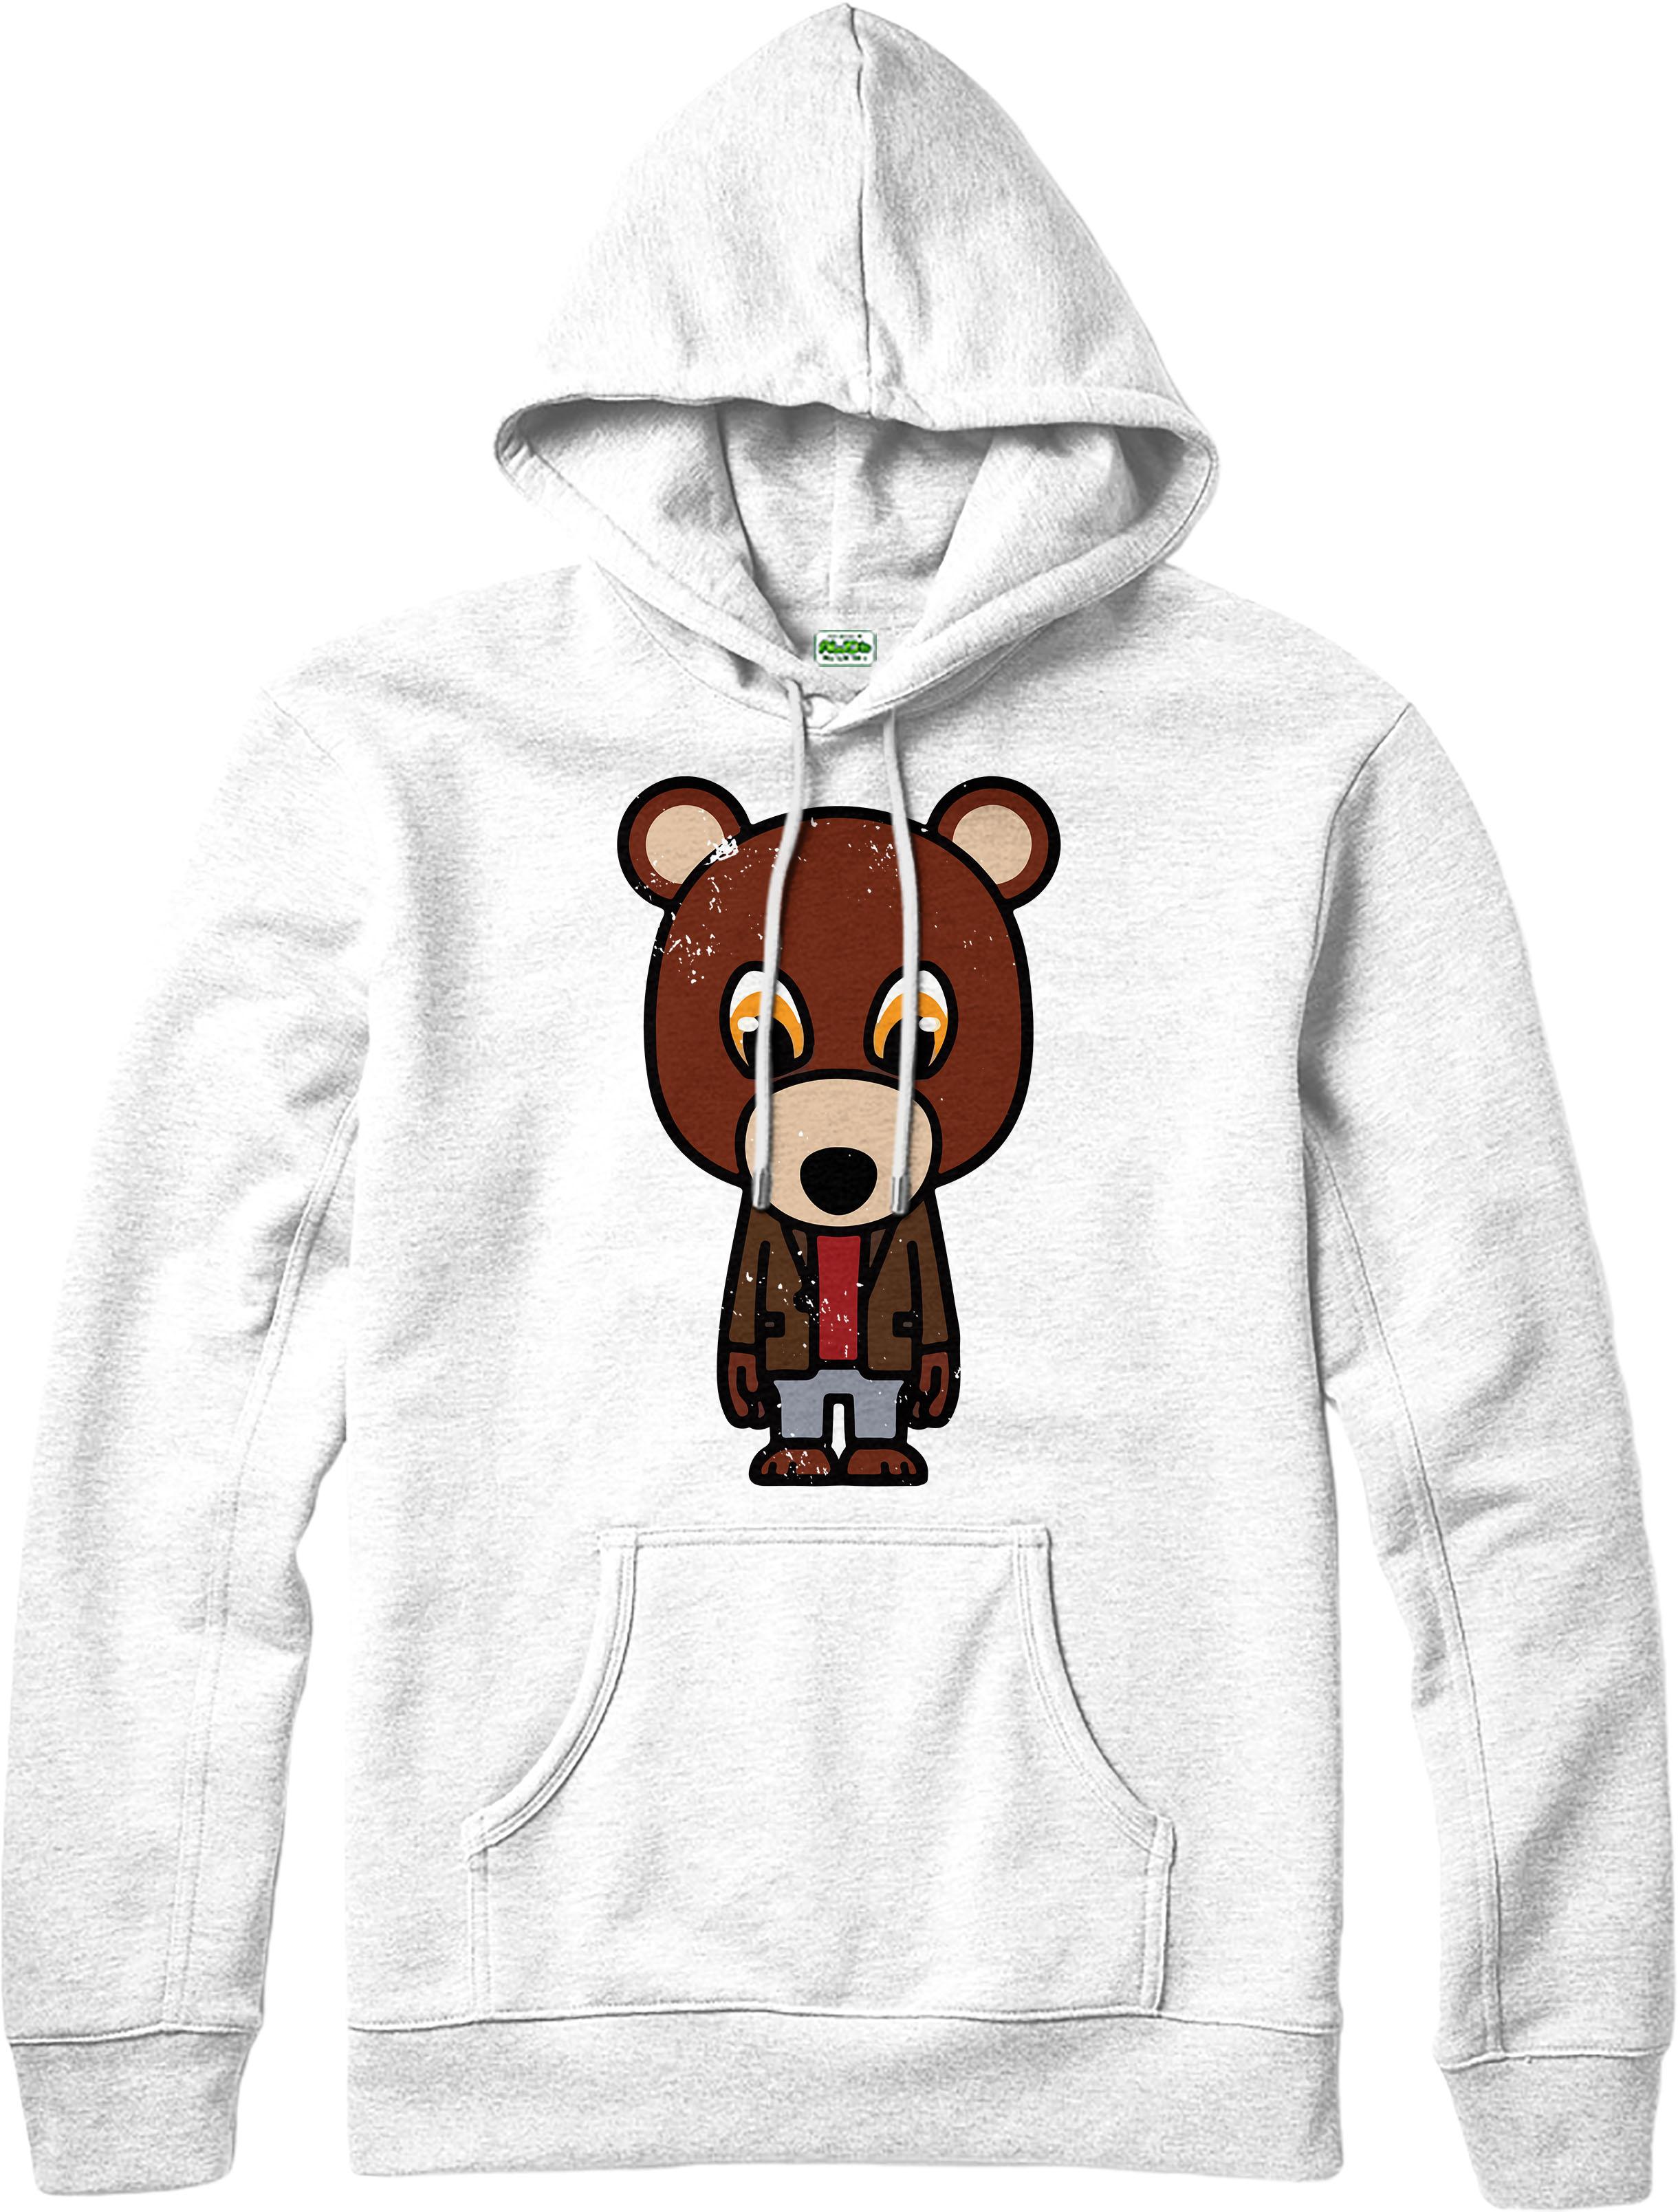 kanye west hoodie rapper graduation dropout bear mask. Black Bedroom Furniture Sets. Home Design Ideas